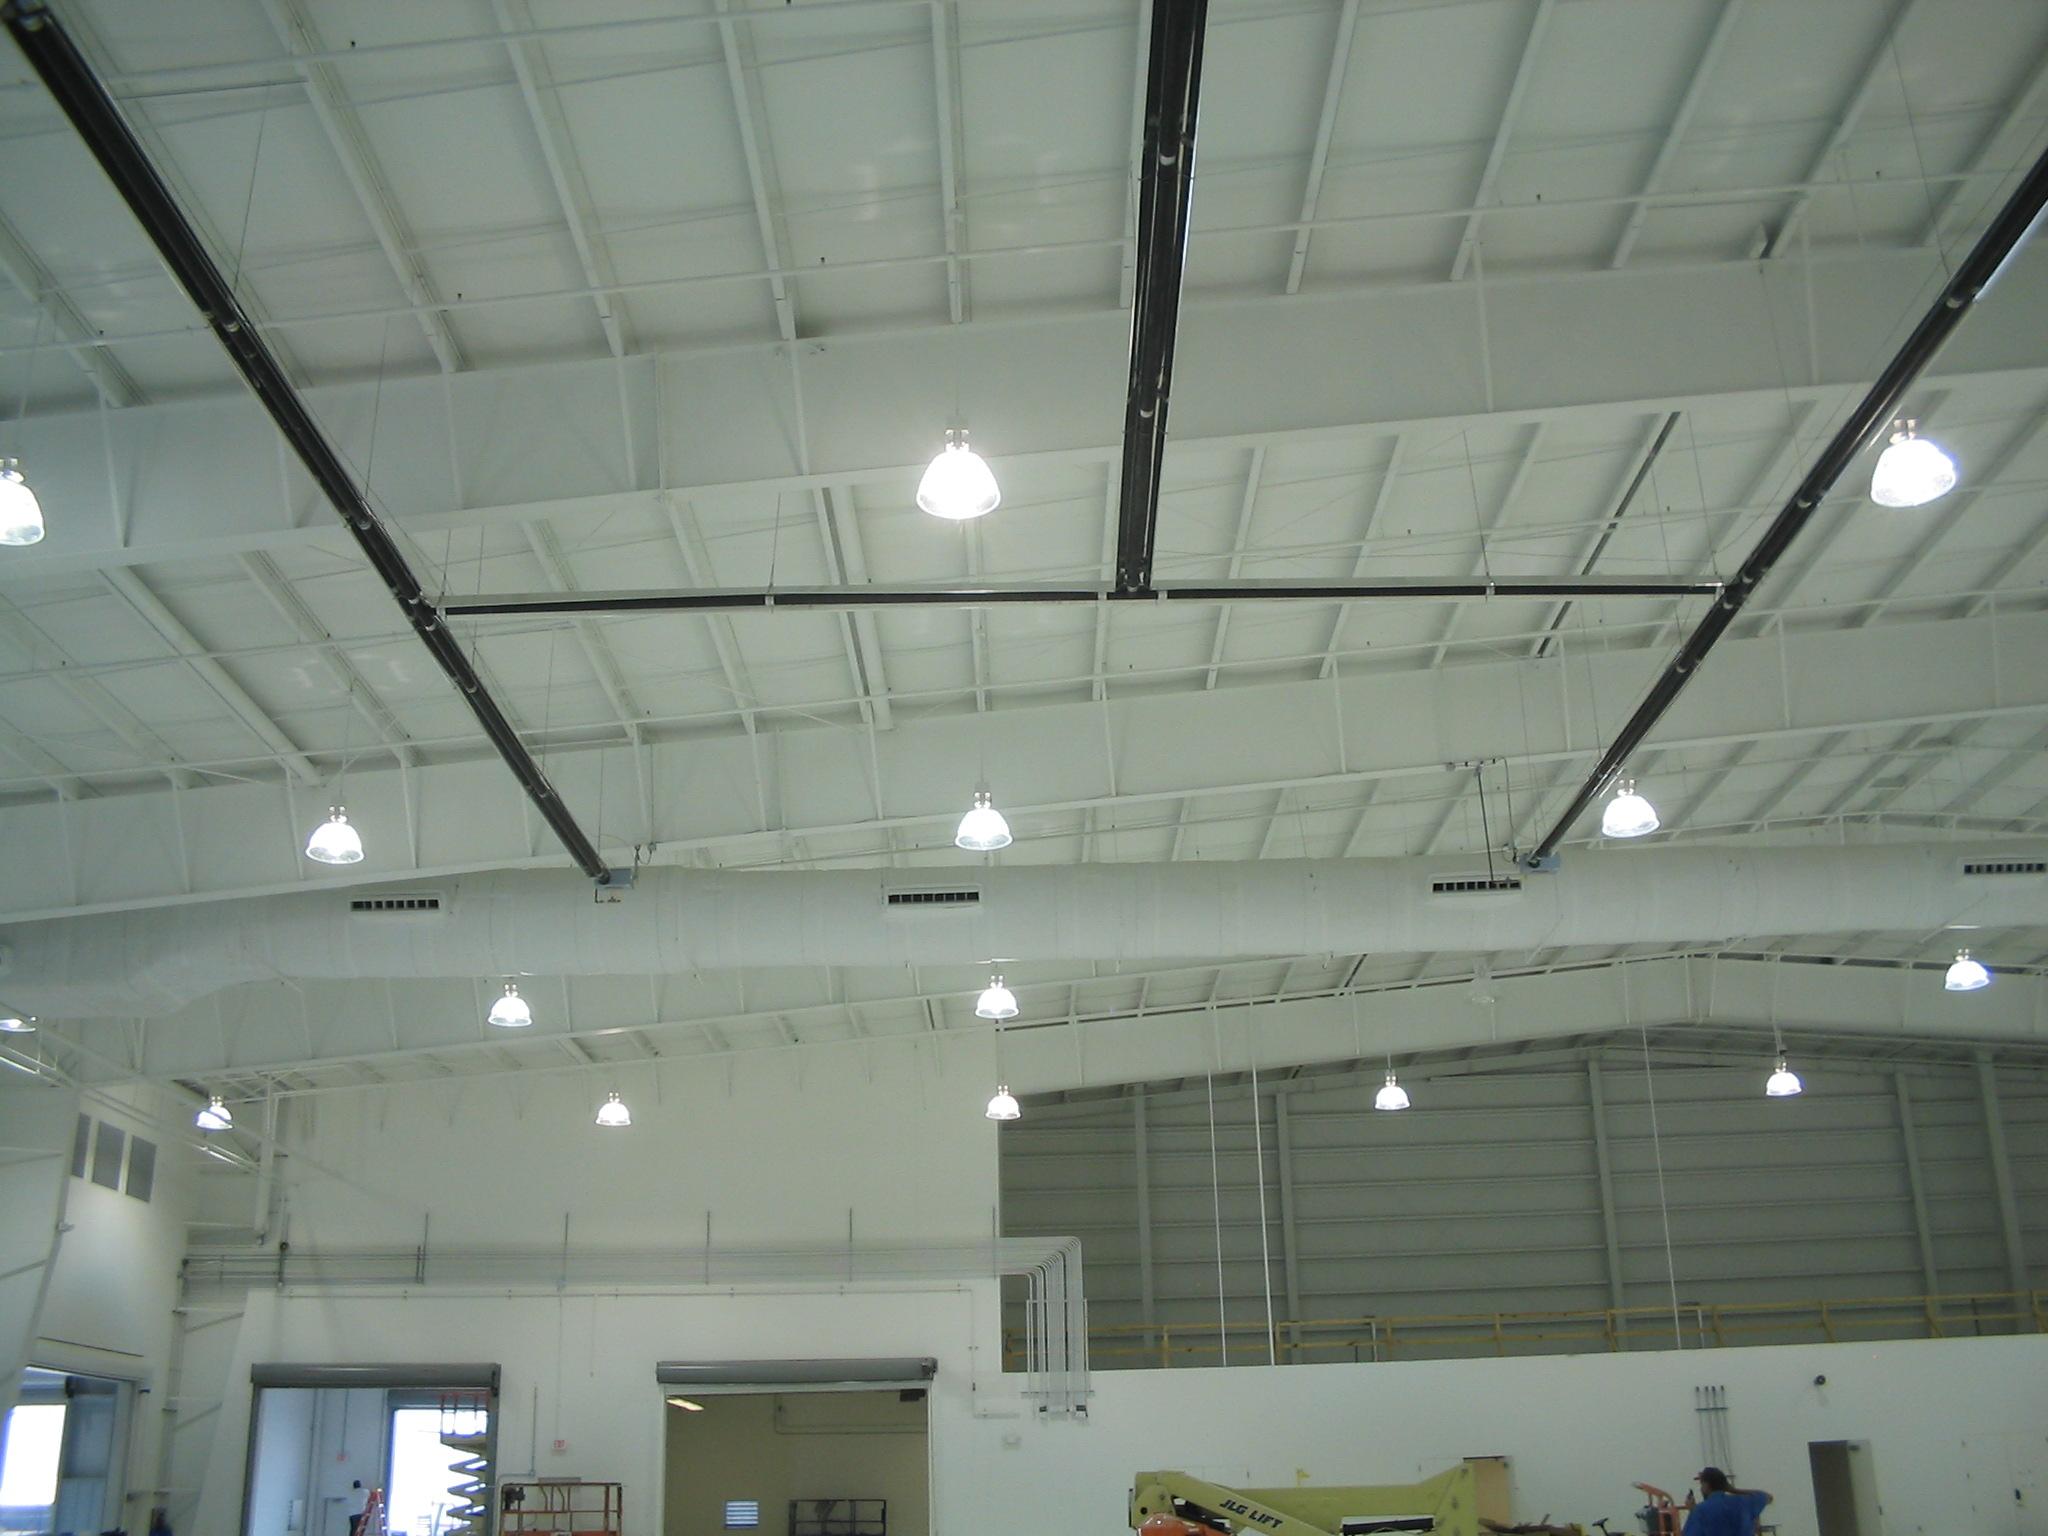 freidken-aviation-hangar-houston-hobby-004.jpg